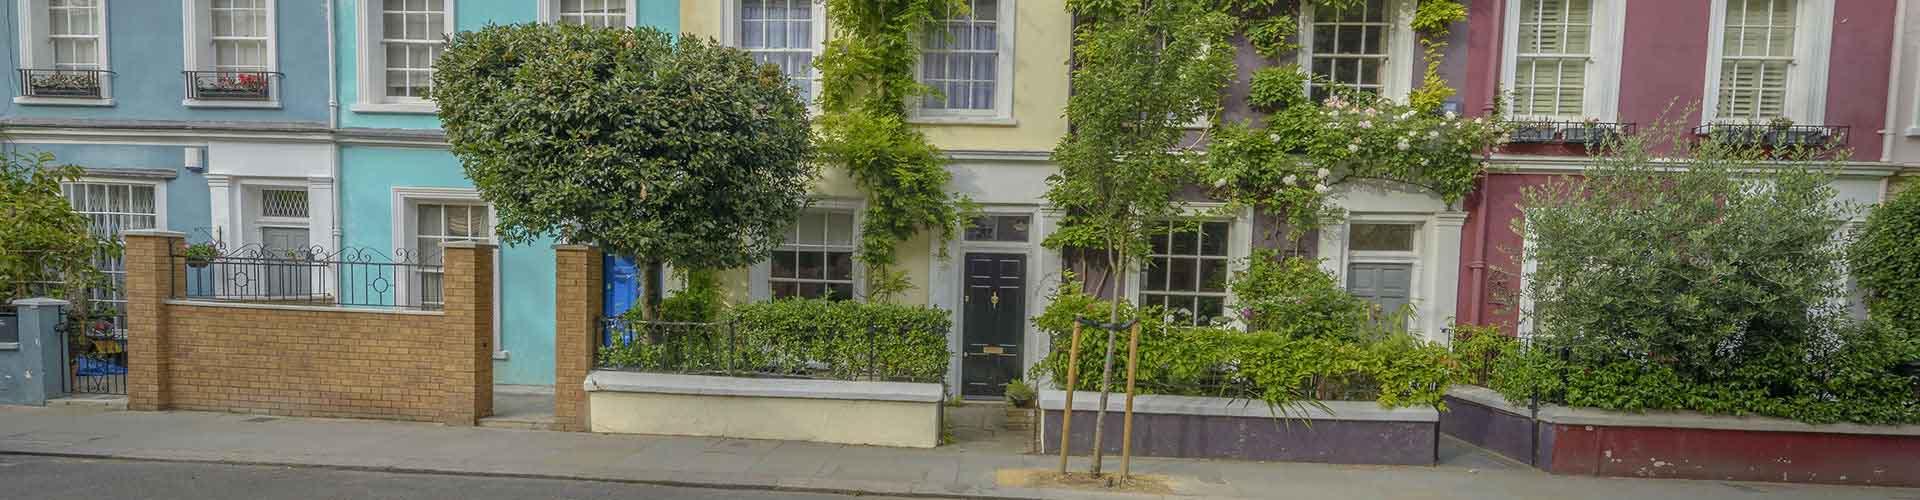 Londres – Hostels no bairro de Notting colina . Mapas para Londres, Fotos e Avaliações para cada Hostel em Londres.